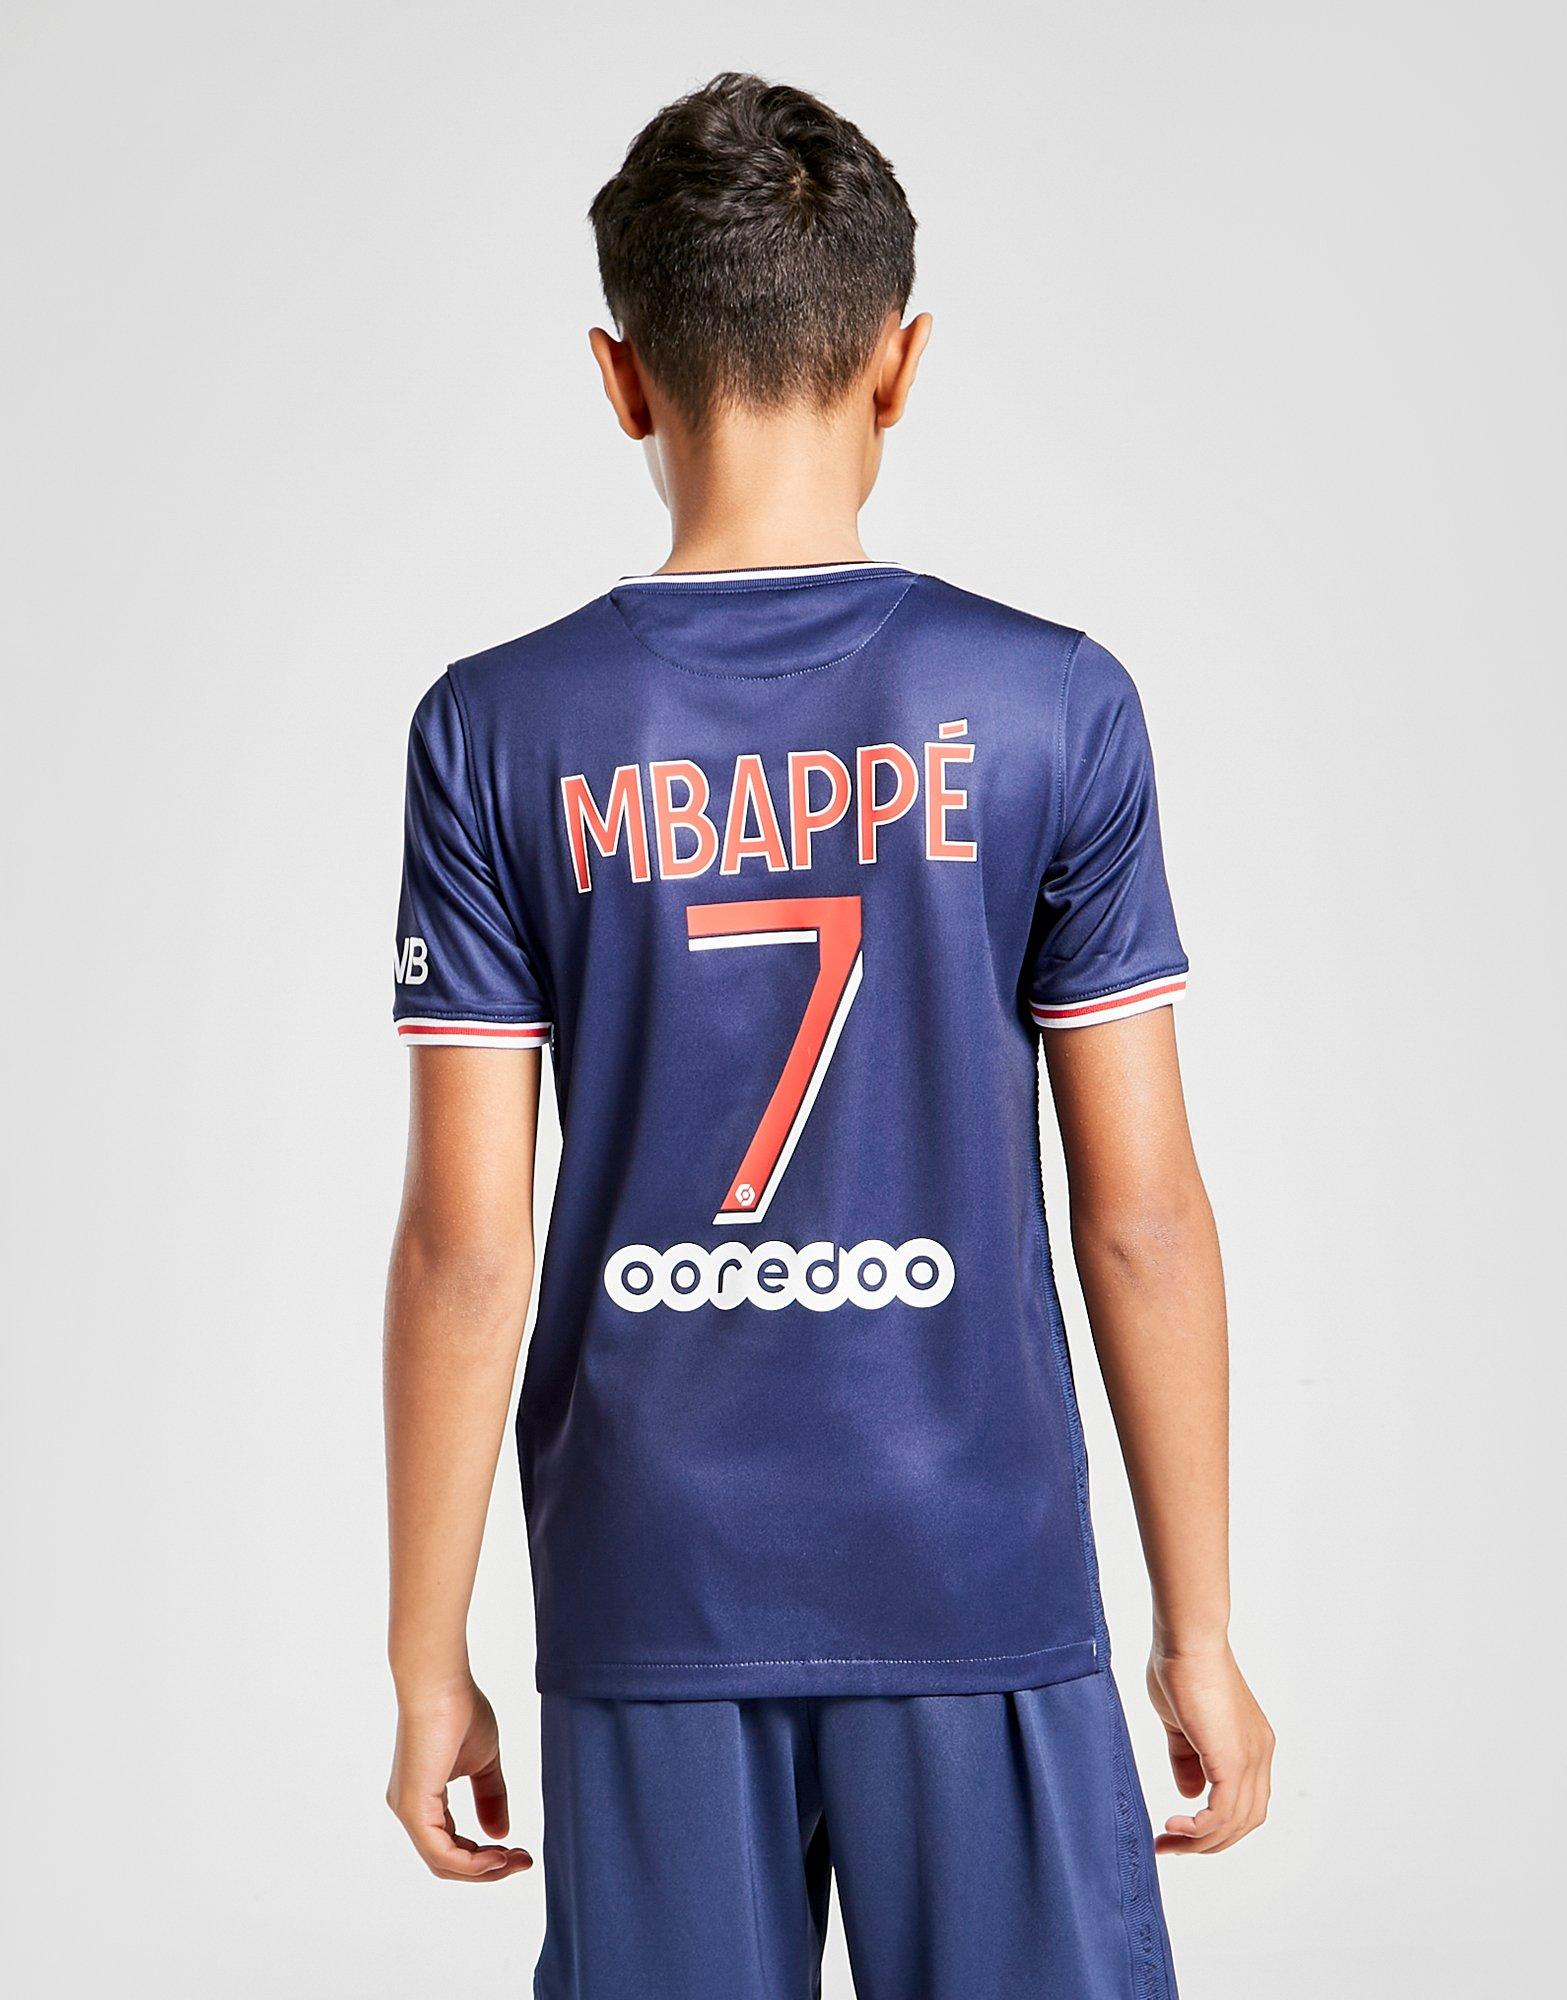 nike paris saint germain 20 21 mbappe 7 home shirt jnr jd sports